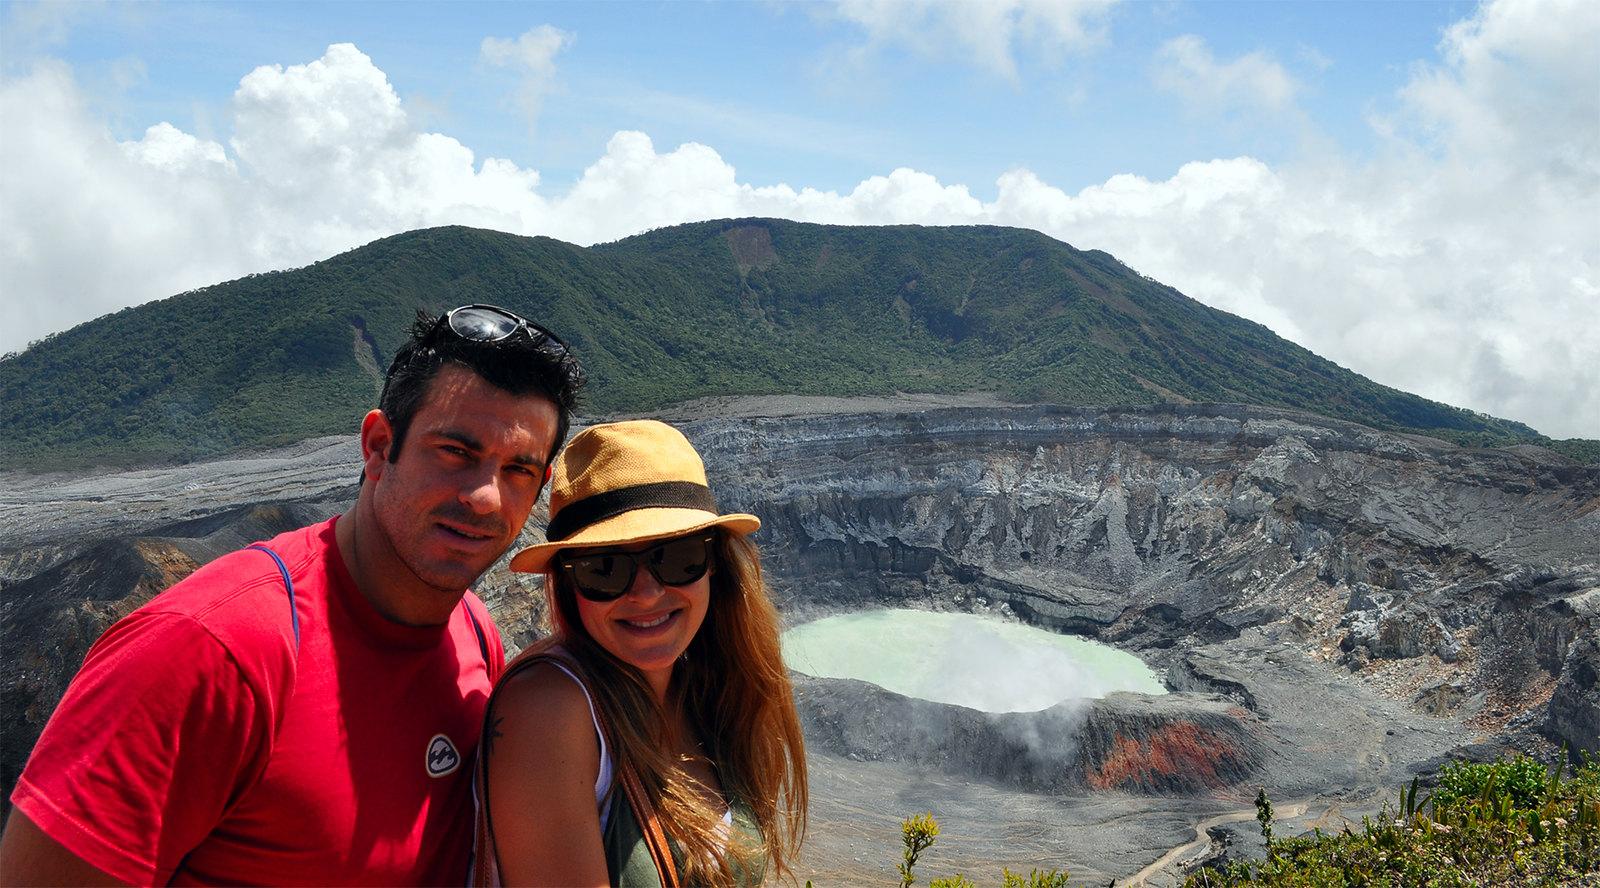 Viajar a Costa Rica / Ruta por Costa Rica en 3 semanas ruta por costa rica - 37538077474 b96468e5a8 h - Ruta por Costa Rica en 3 semanas